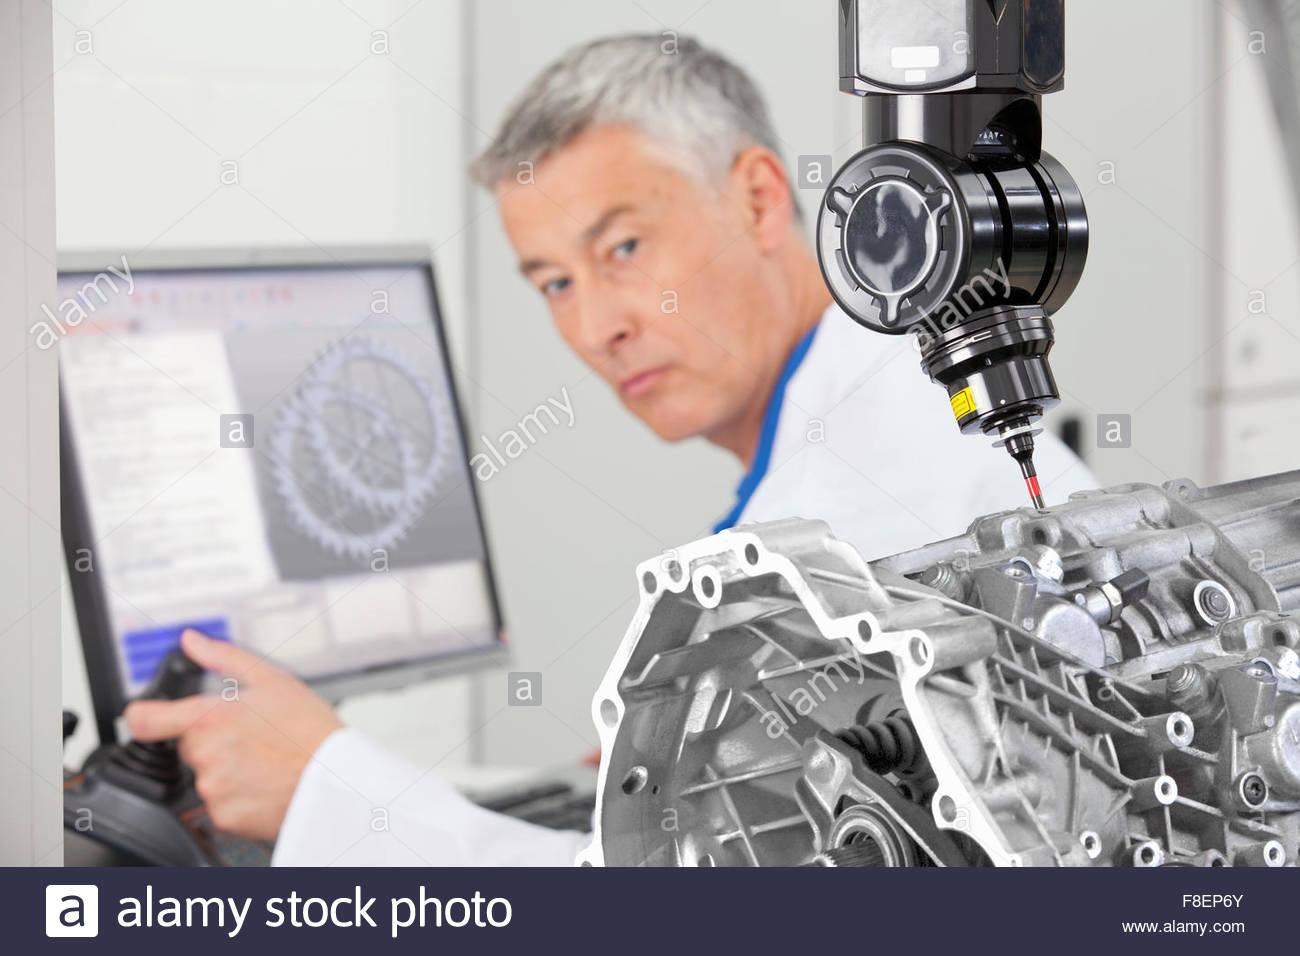 Ingenieur am Computer arbeiten und drehen in Richtung Sonde Scannen Motorblock Stockfoto